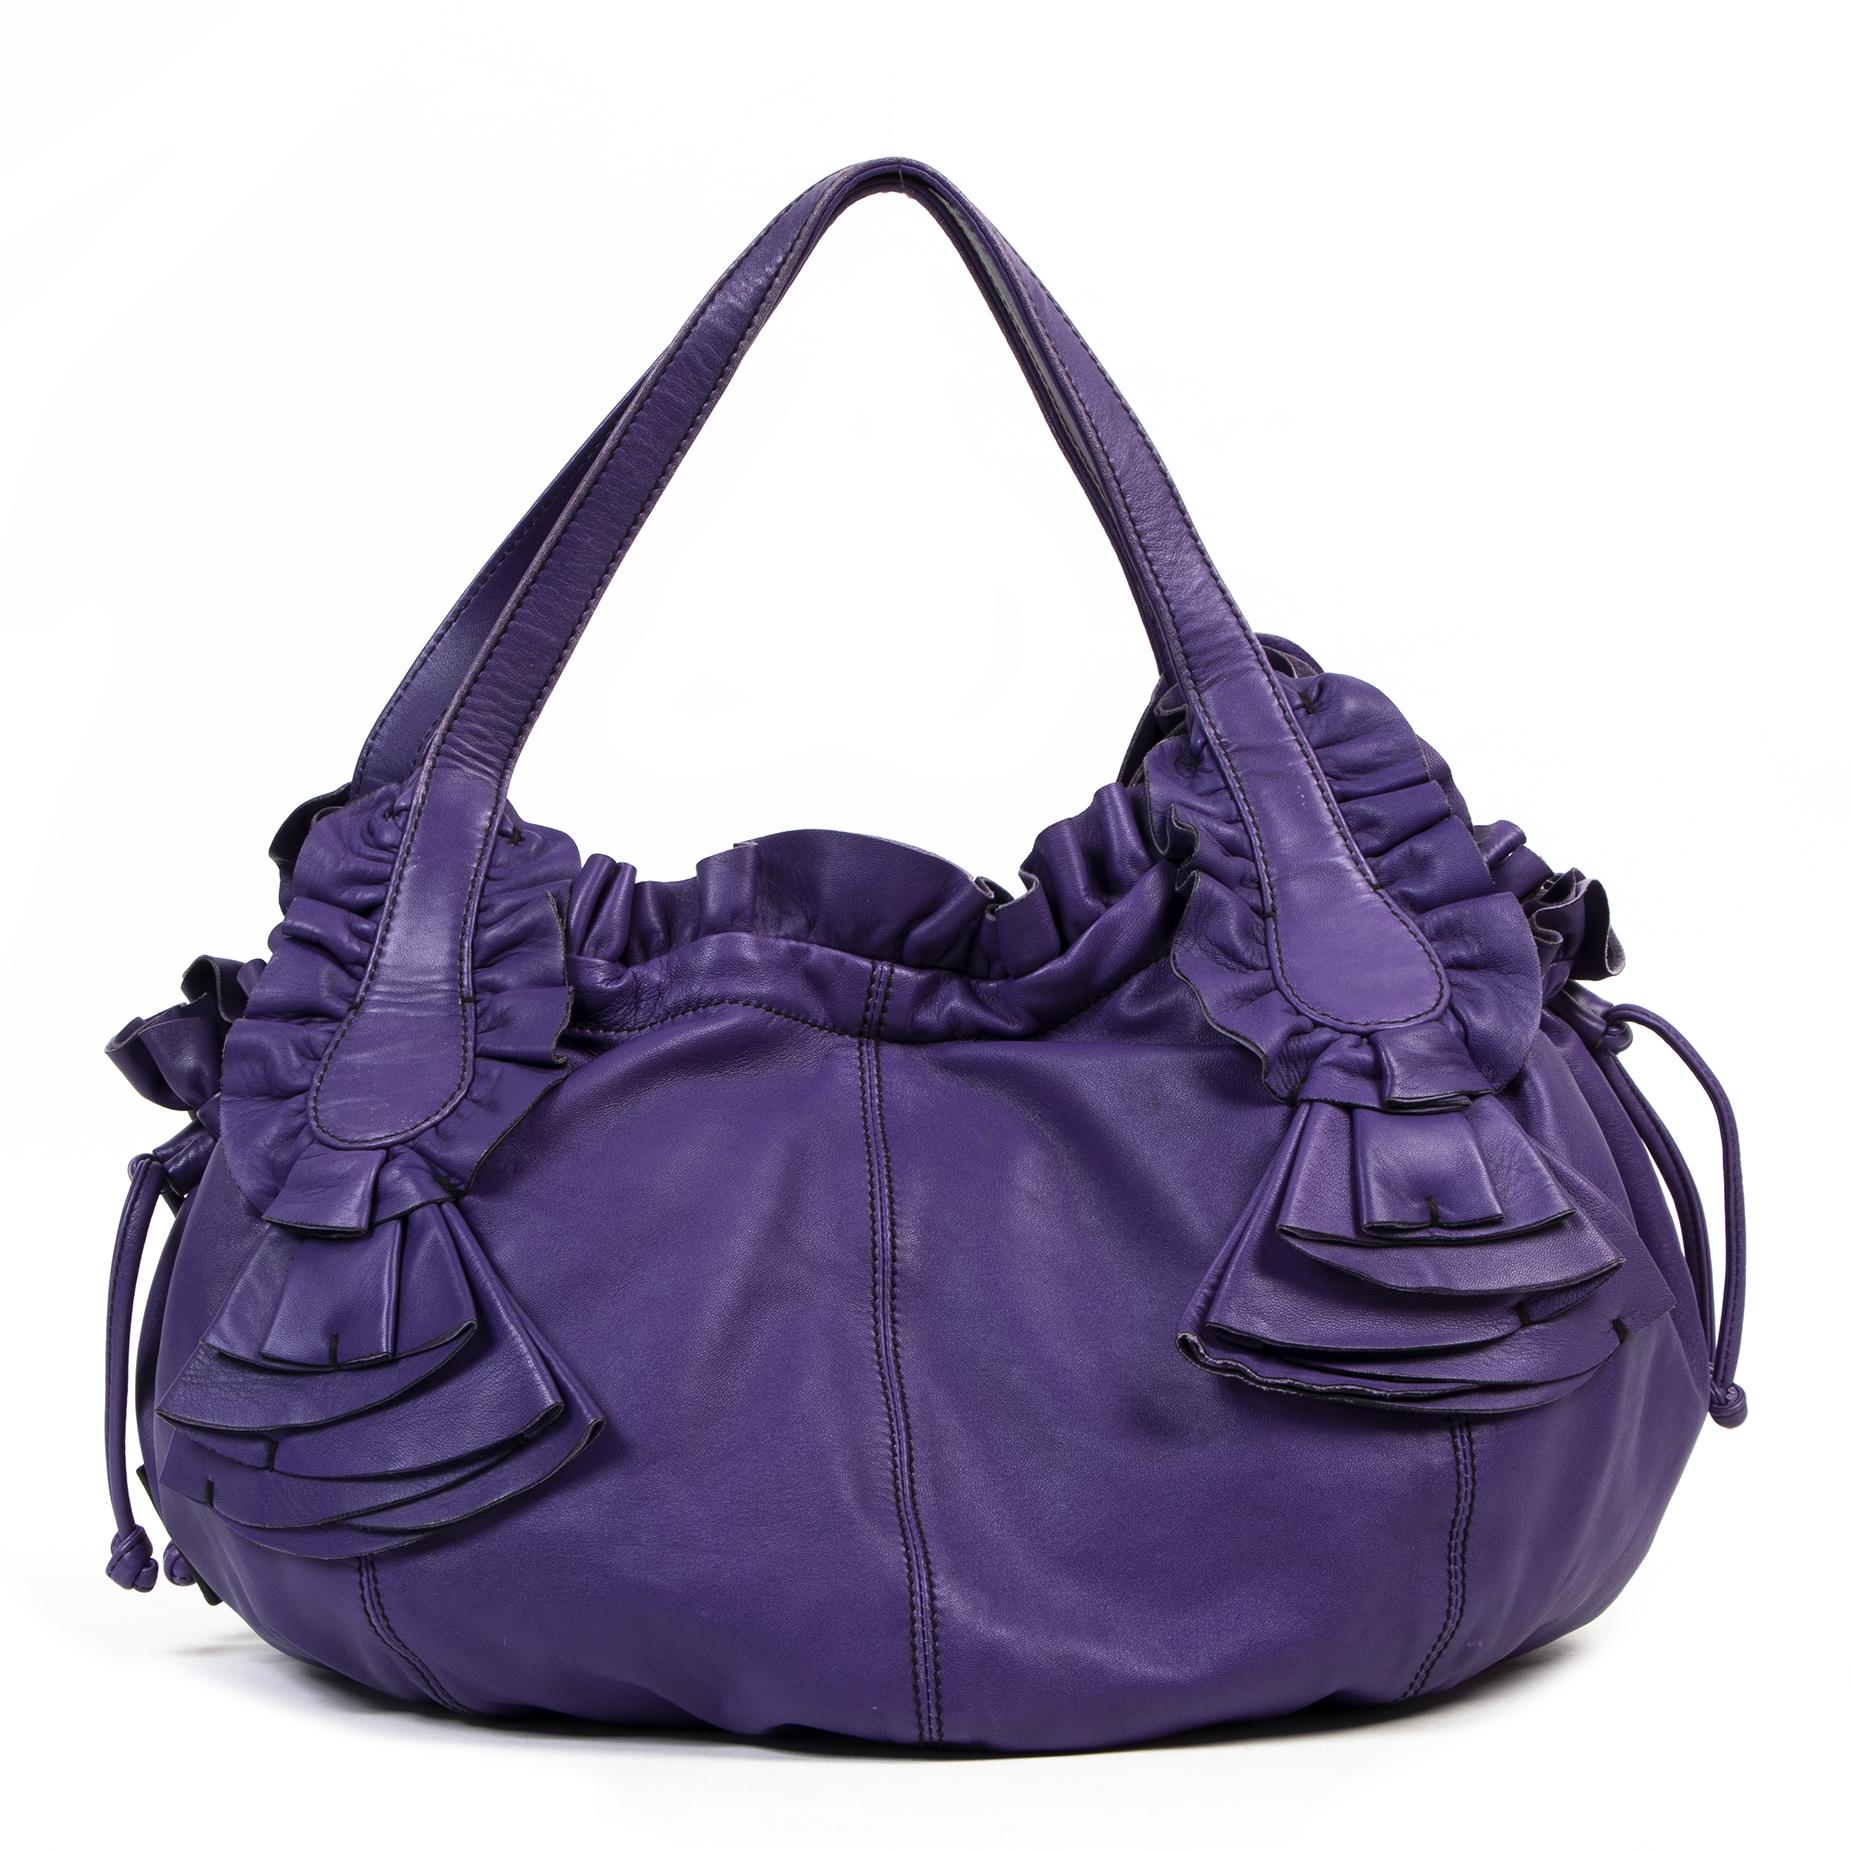 Authentieke Tweedehands Valentino Purple Leather Hobo Shoulder Bag juiste prijs veilig online shoppen luxe merken webshop winkelen Antwerpen België mode fashion